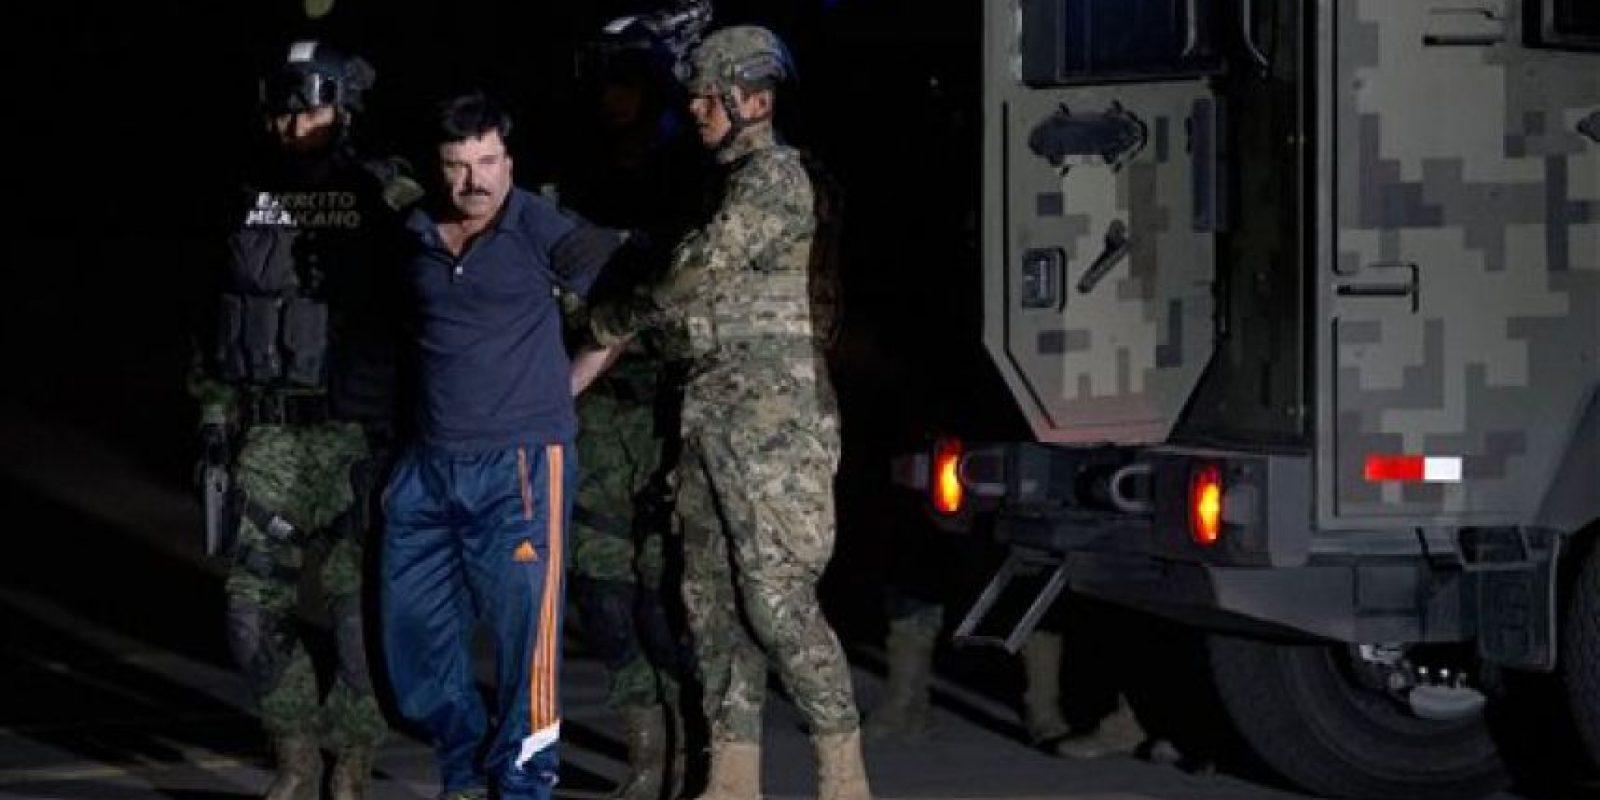 Versiones periódisticas aseguran que los mensajes y el encuentro con la actriz ayudaron a la captura del líder del cartel de Sinaloa Foto:AFP